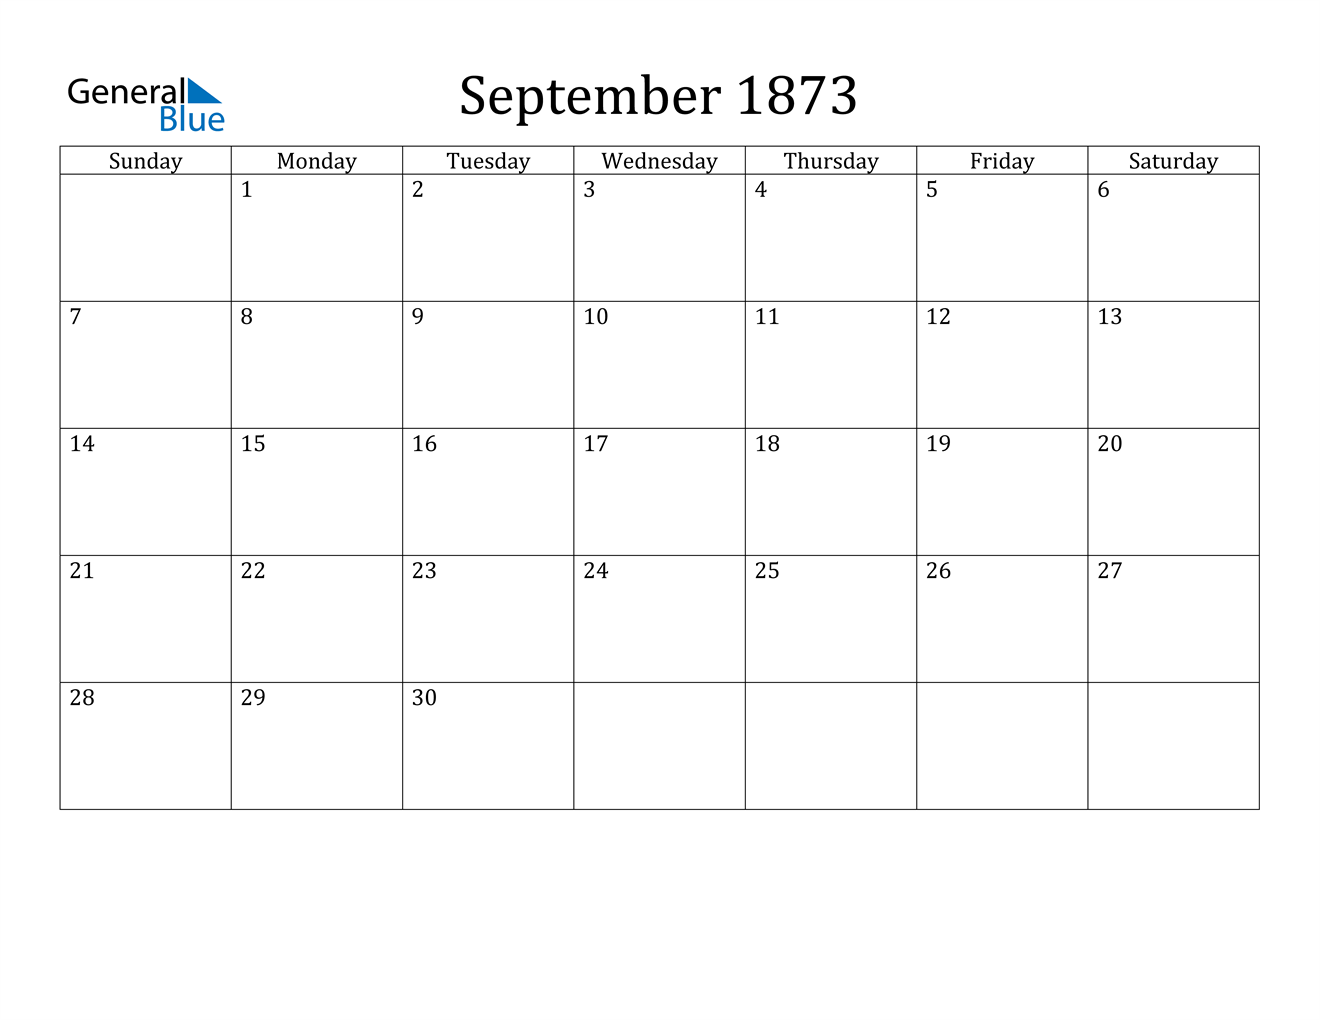 Image of September 1873 Calendar